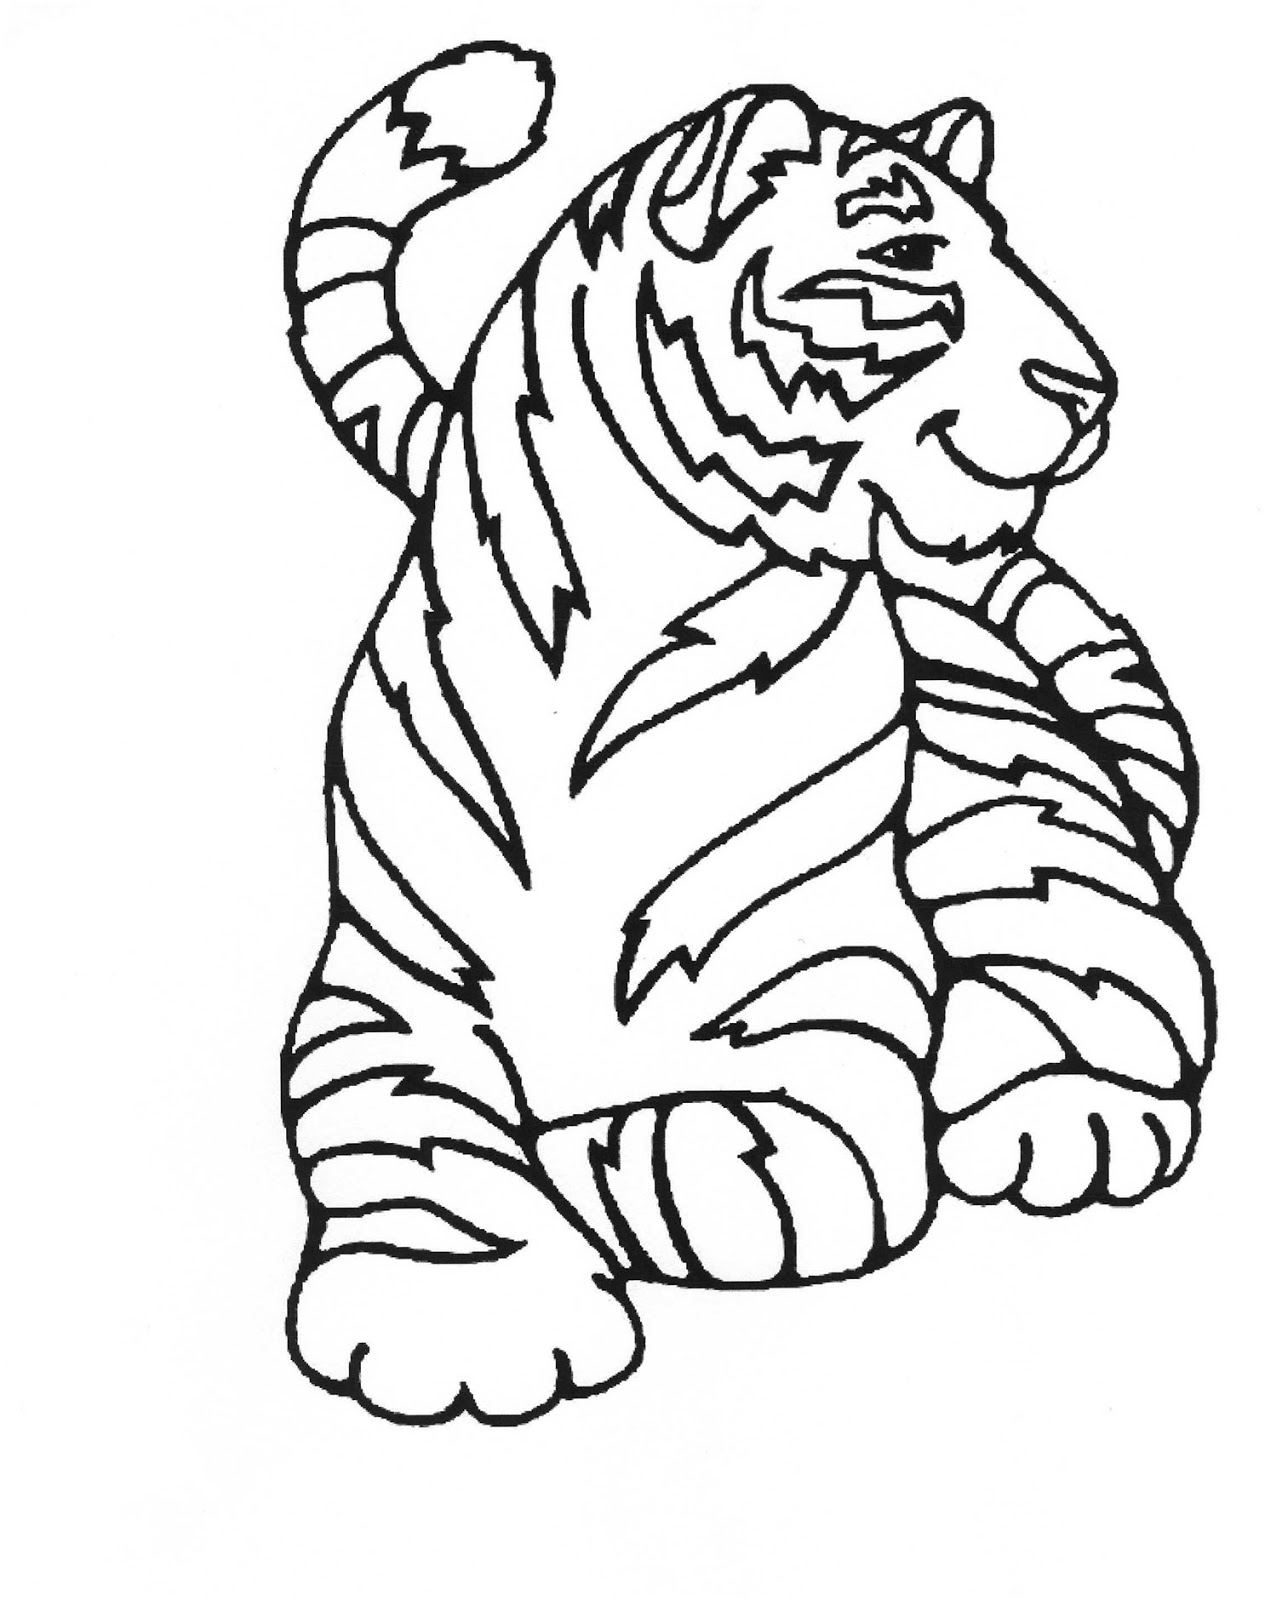 Tranh tô màu con hổ đang nằm nghỉ